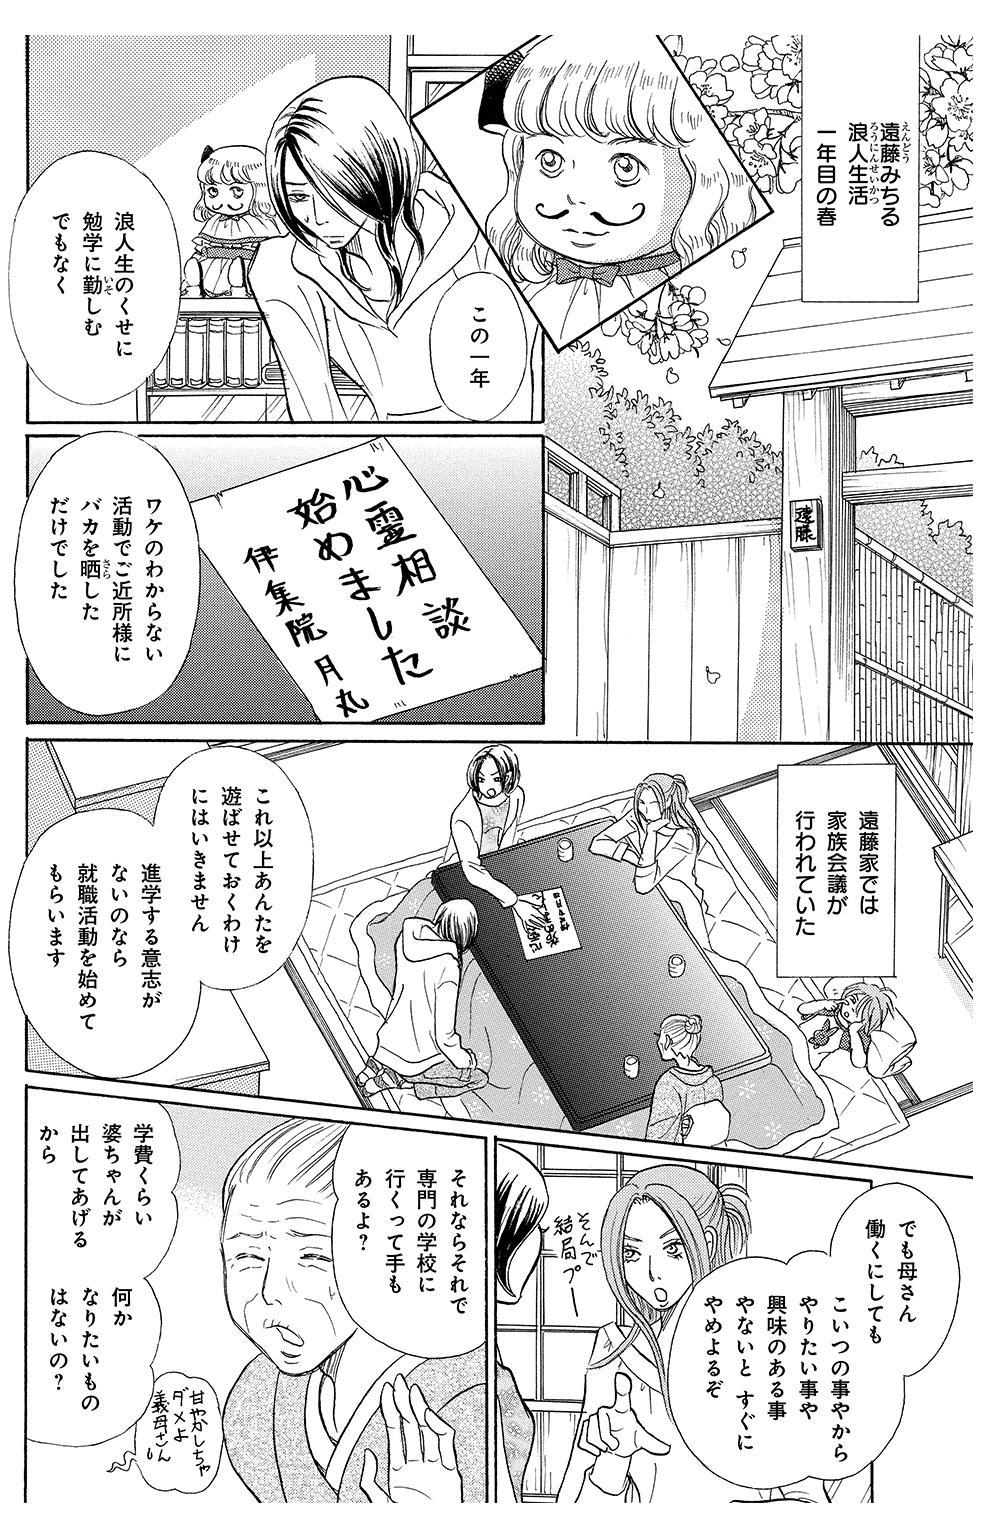 伊集院月丸の残念な霊能稼業 第1話「獣の皮」①iju1-1-2.jpg